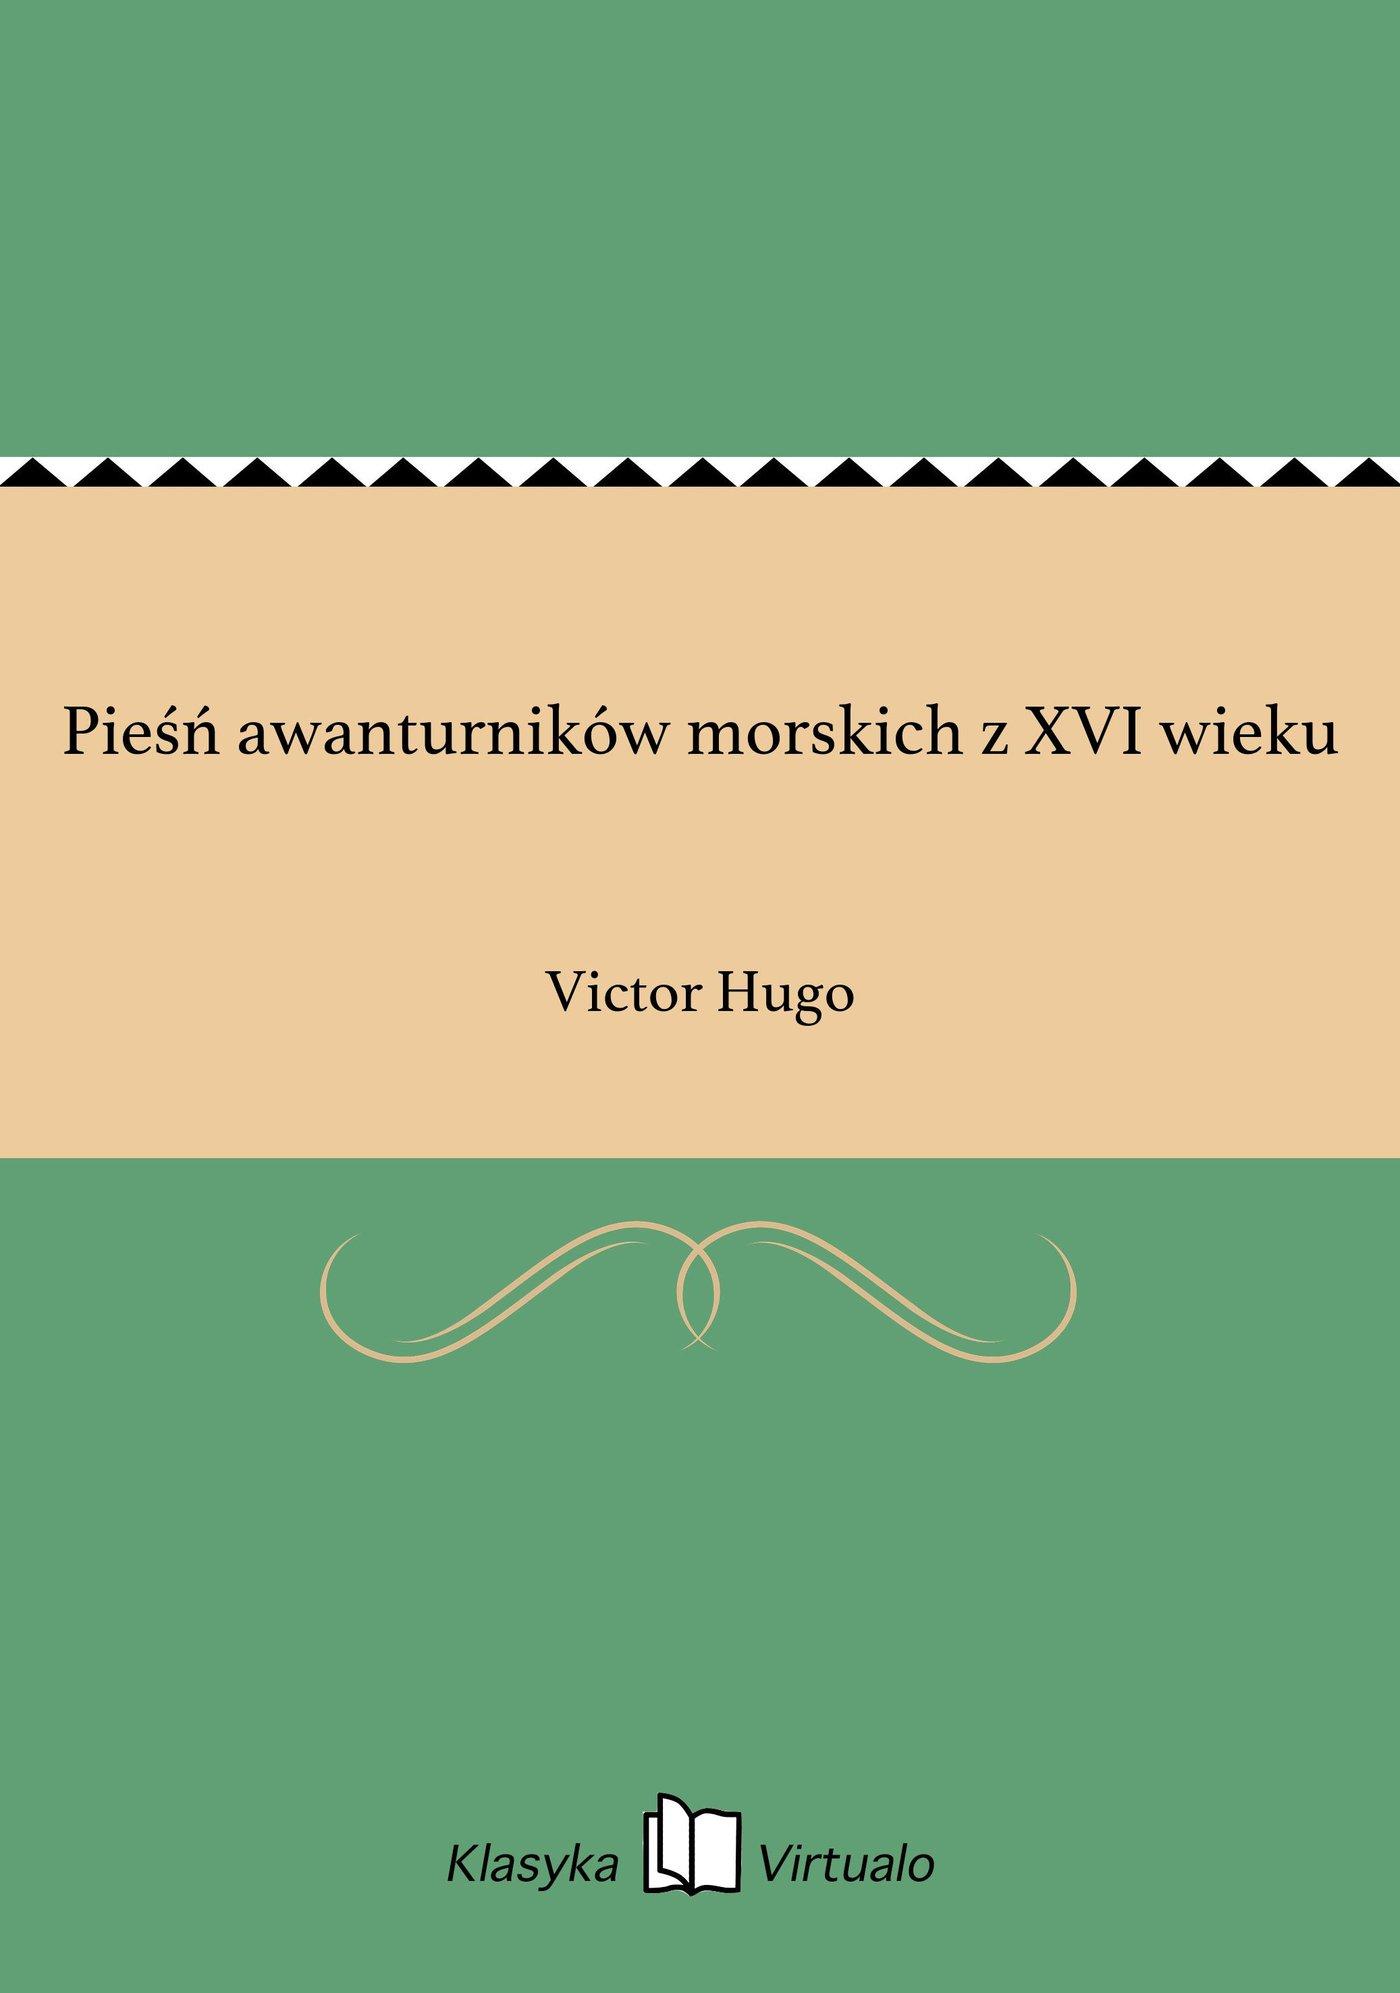 Pieśń awanturników morskich z XVI wieku - Ebook (Książka EPUB) do pobrania w formacie EPUB